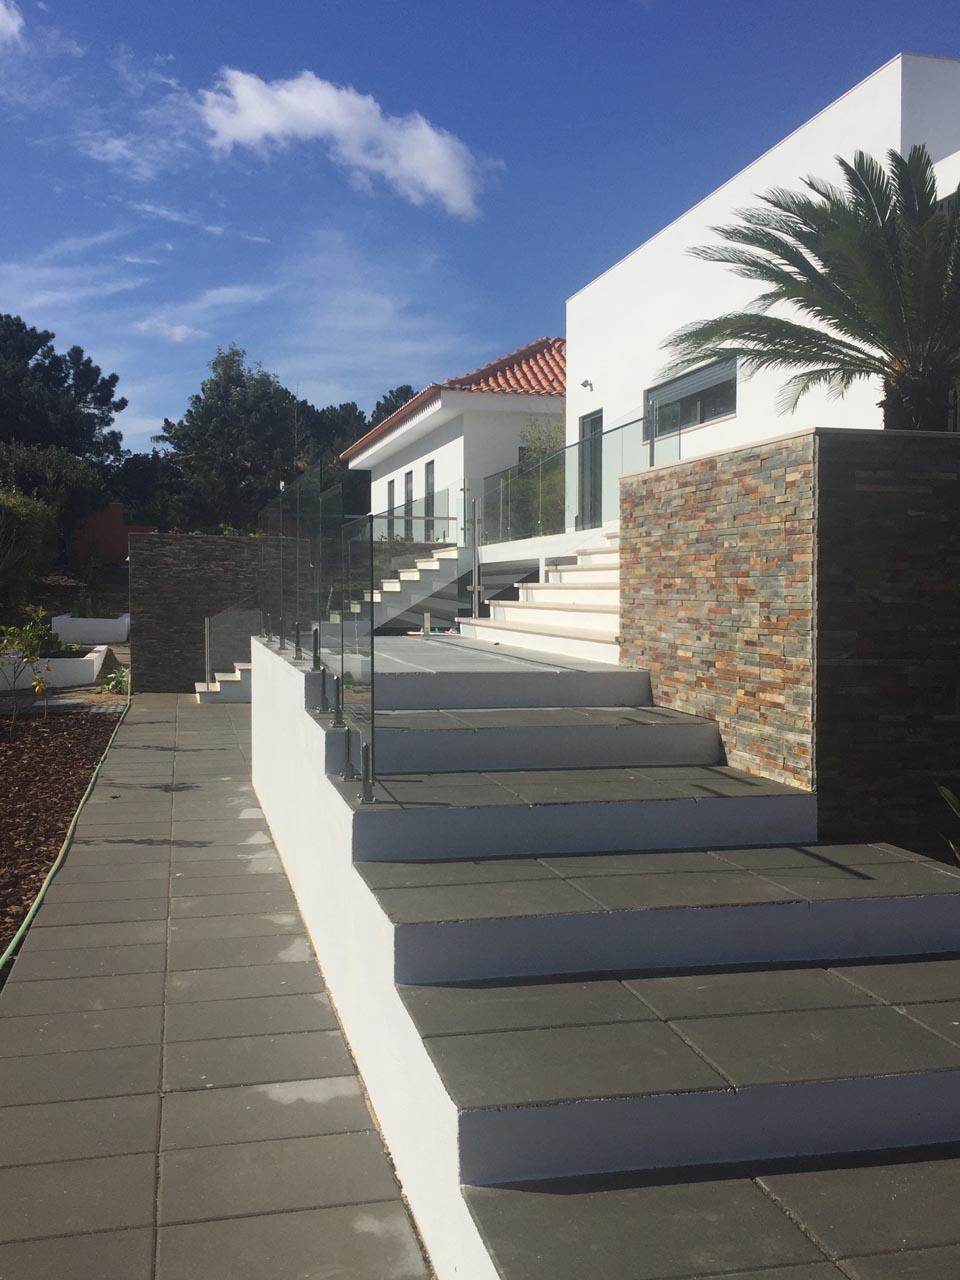 https://www.araujo-arquitectura.pt/wp-content/uploads/2020/12/IMG_4060.jpg